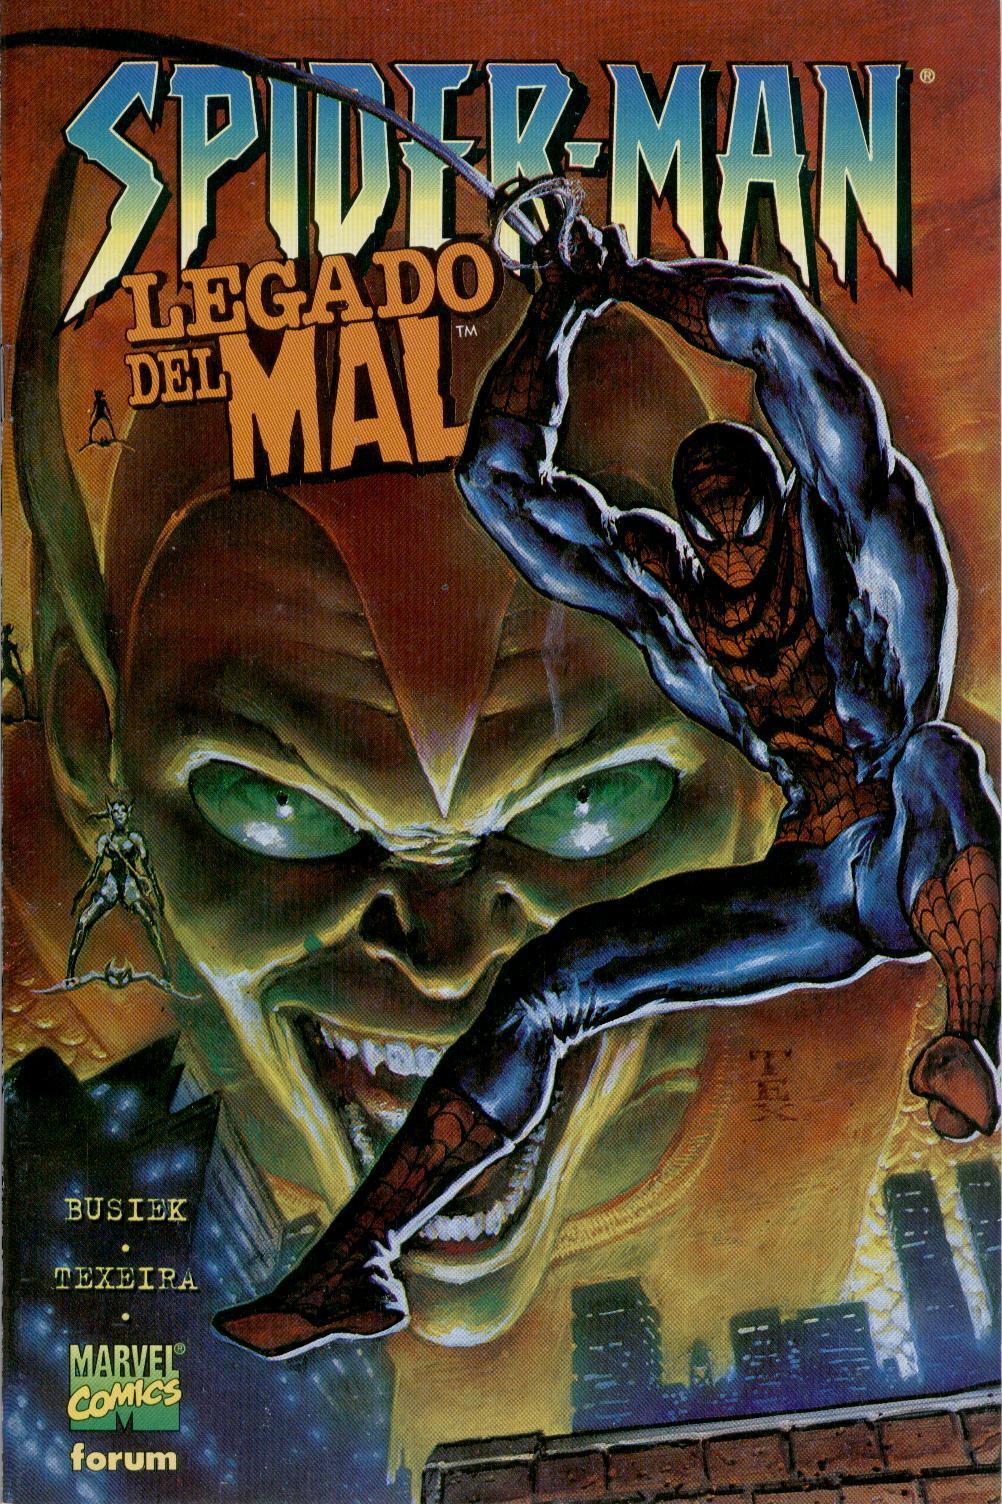 https://4.bp.blogspot.com/-OGxWnGYLSFg/V7cDX9BzOdI/AAAAAAALryM/Y6Mjh52sQw0LQRhzRDWothsEVXhHiBCawCLcB/s1600/Spider-Man%2B-%2BLegado%2Bdel%2BMal%2B000.jpg